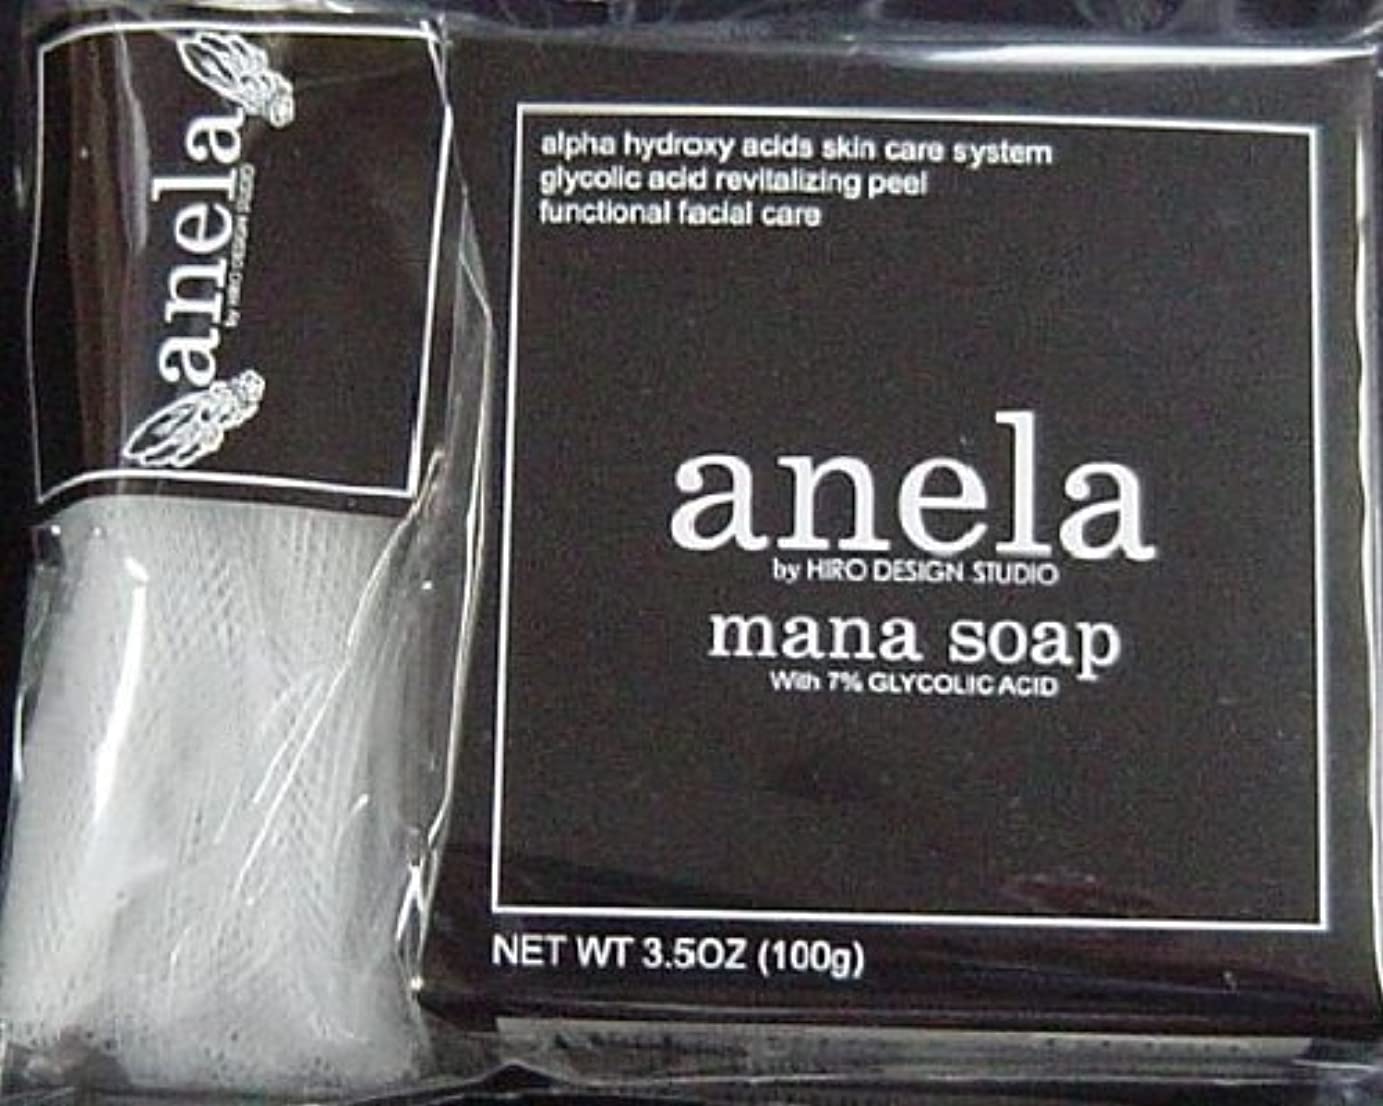 アーネストシャクルトン美しいタイプanela アネラ マナソープ(泡立てネット付き) 100g ×3個セット